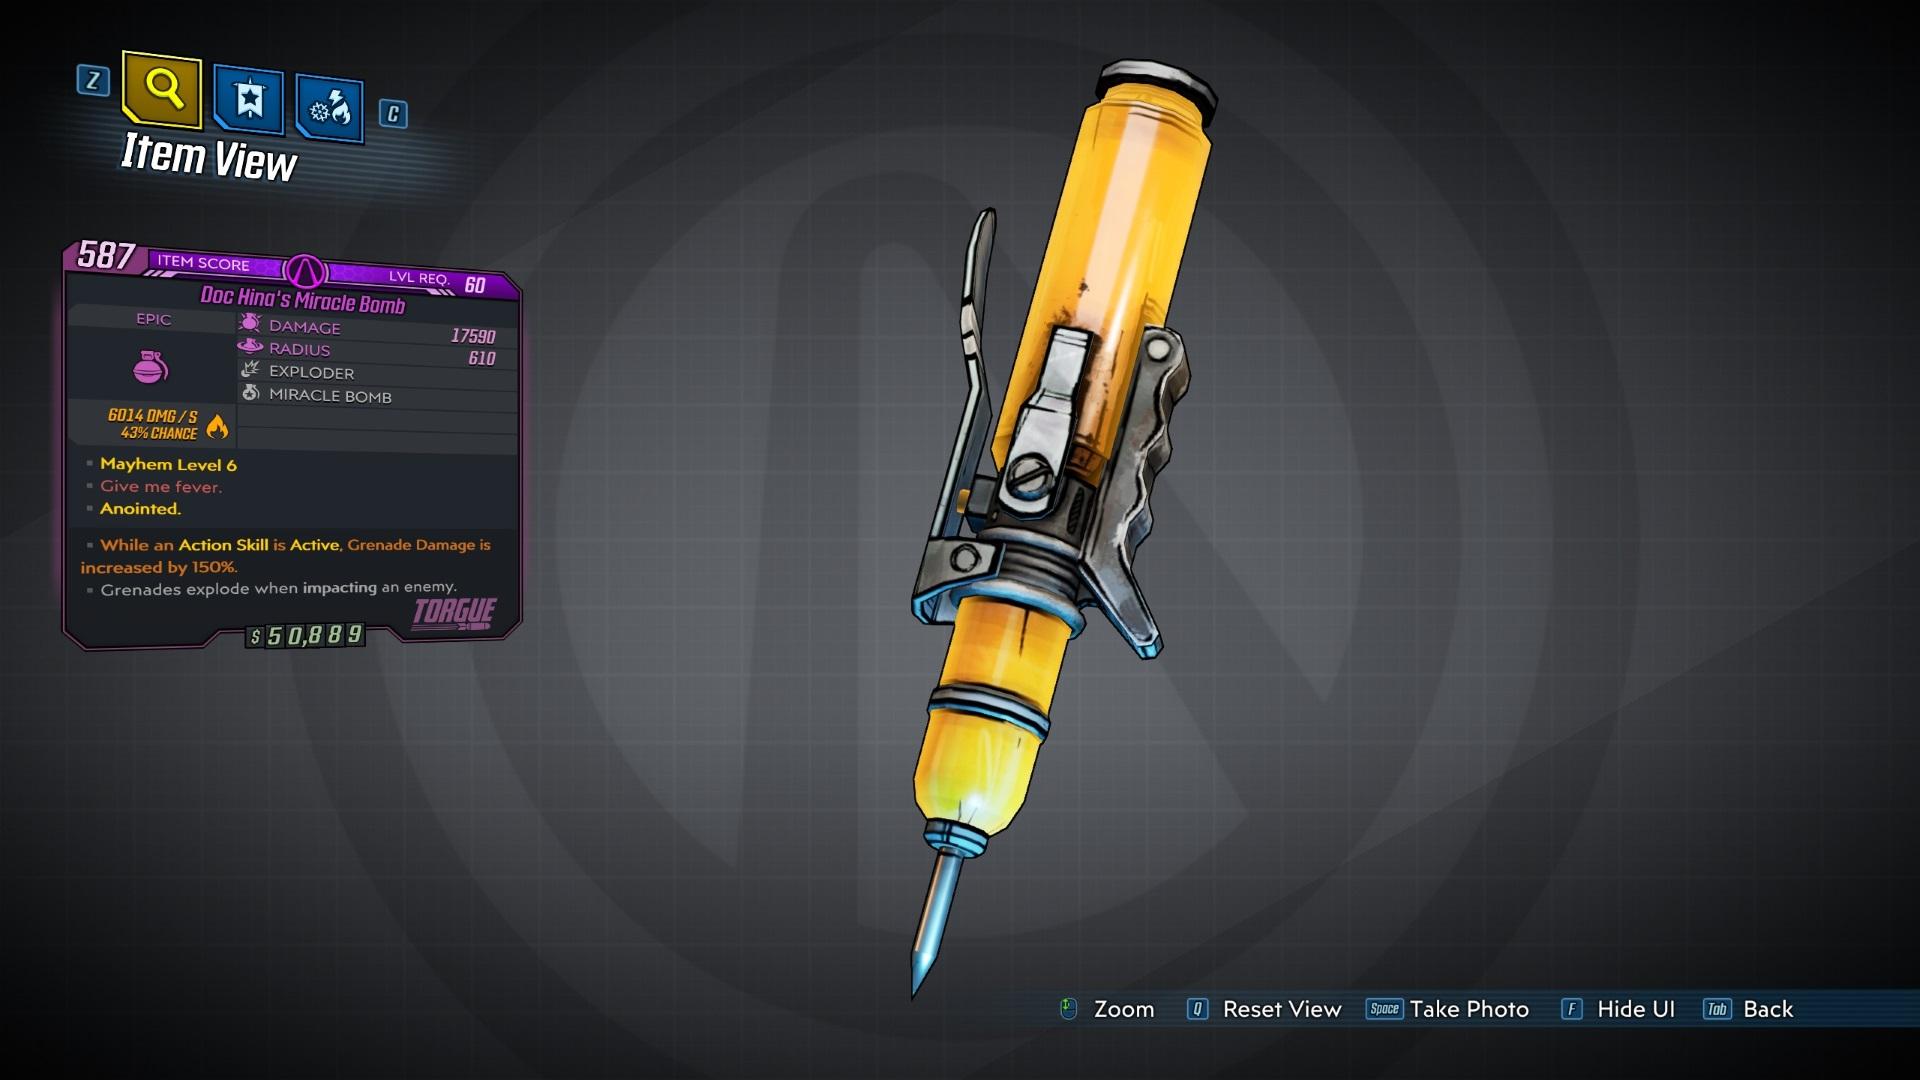 Doc Hina's Miracle Bomb